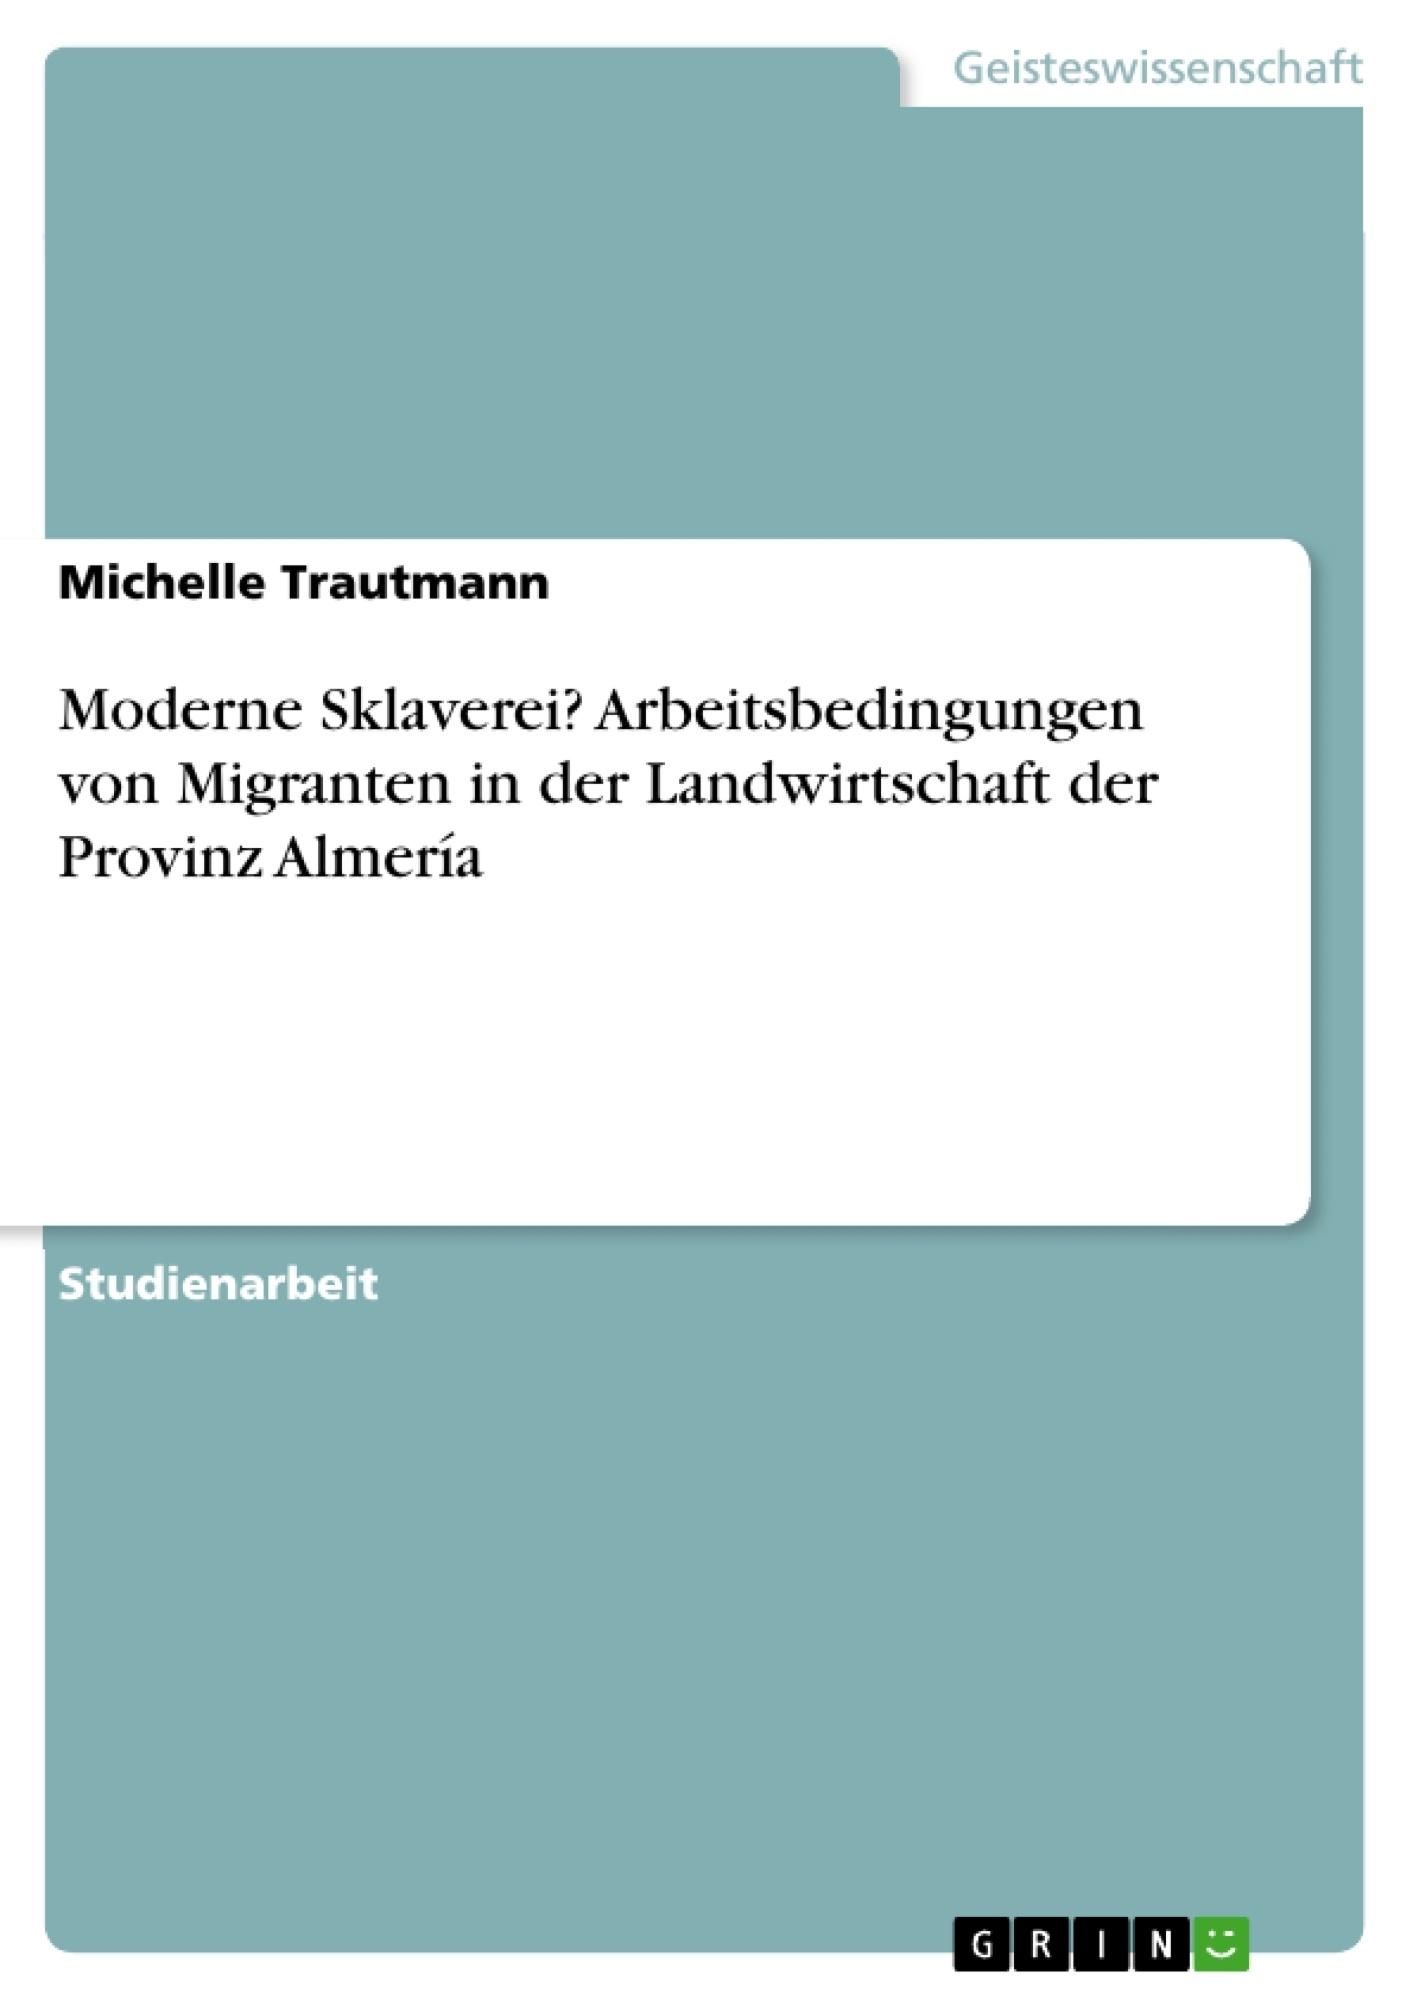 Titel: Moderne Sklaverei? Arbeitsbedingungen von Migranten in der Landwirtschaft der Provinz Almería